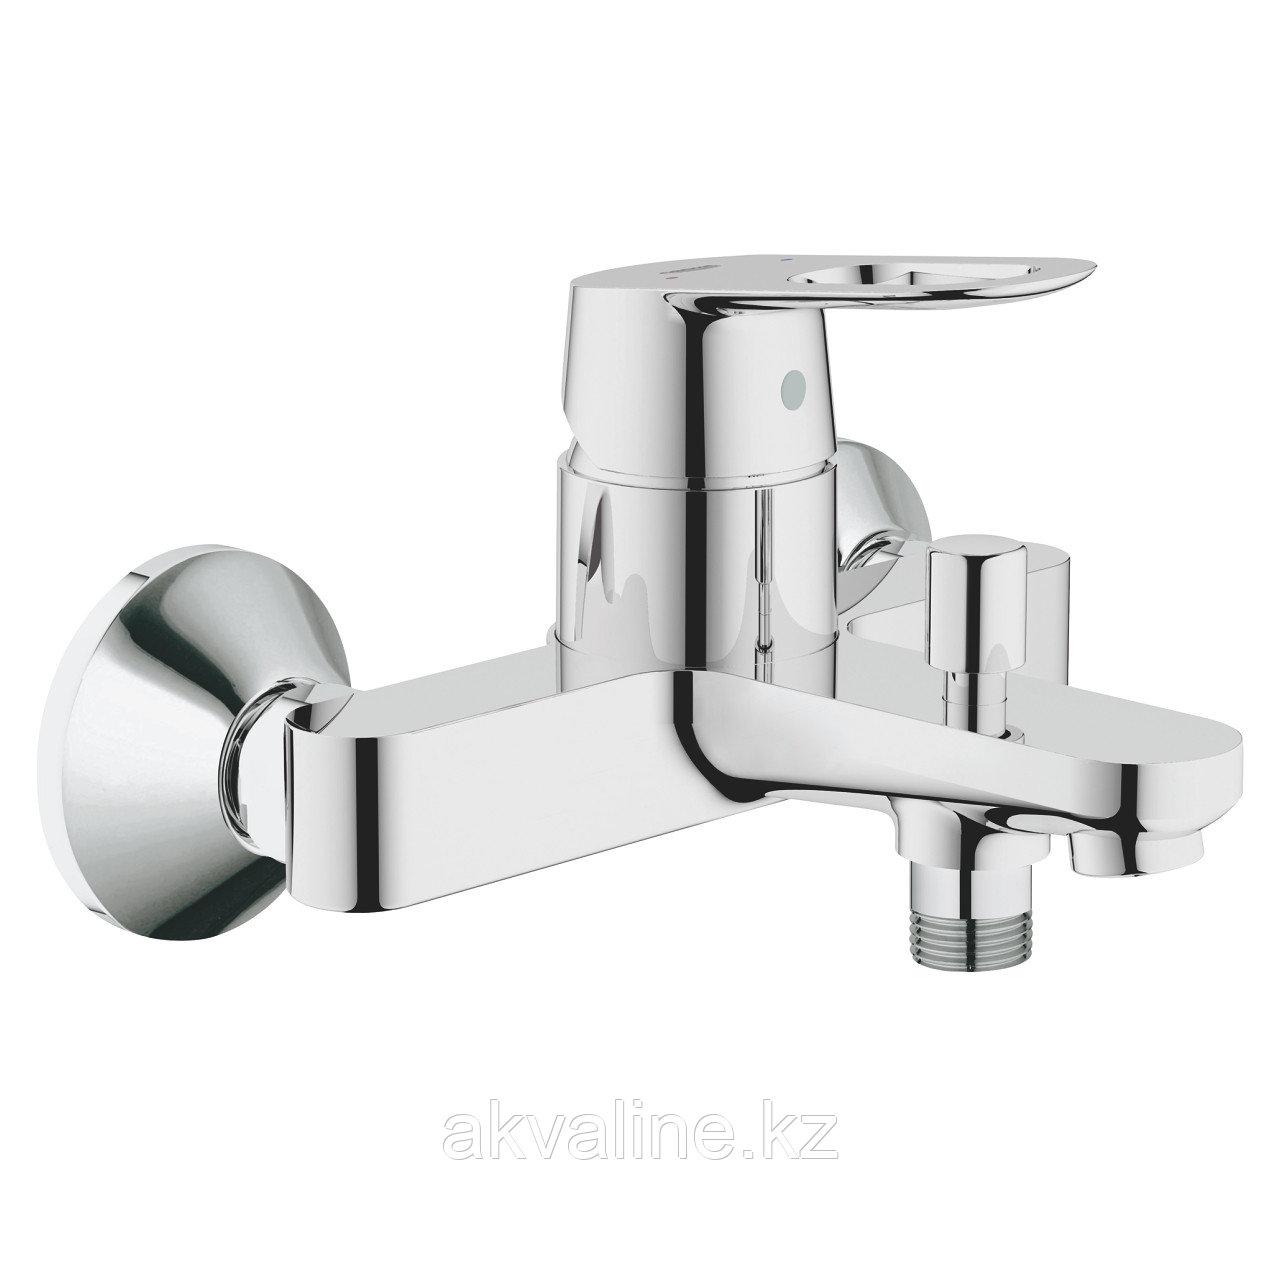 Grohe BauLoop Смеситель для ванны однорычажный DN 15 23341000